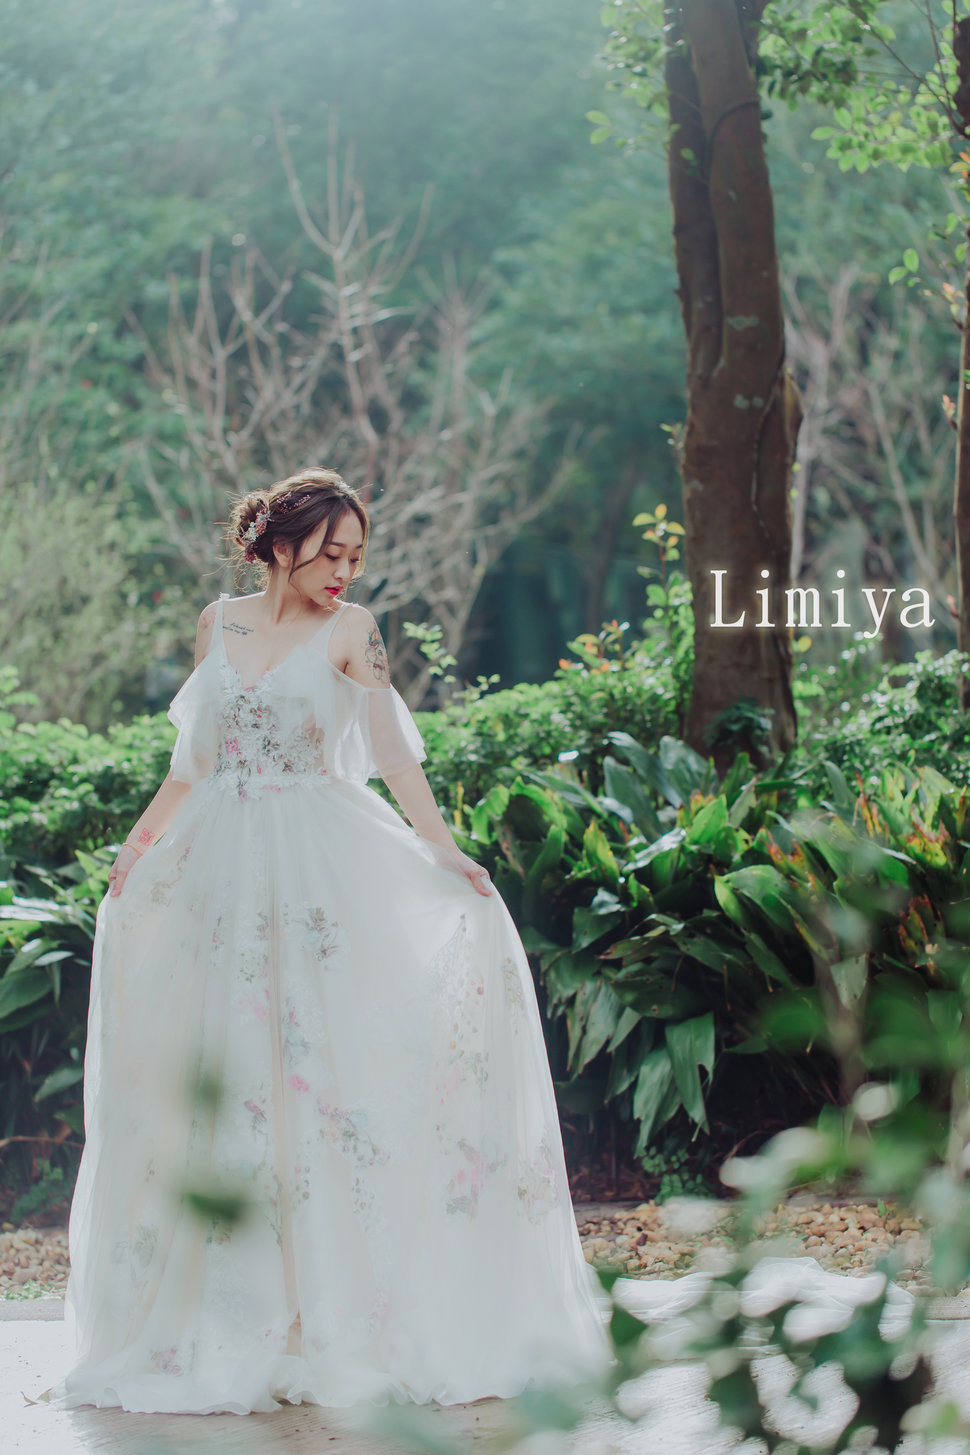 1U5A9519 - 莉米雅手工婚紗攝影工作室《結婚吧》